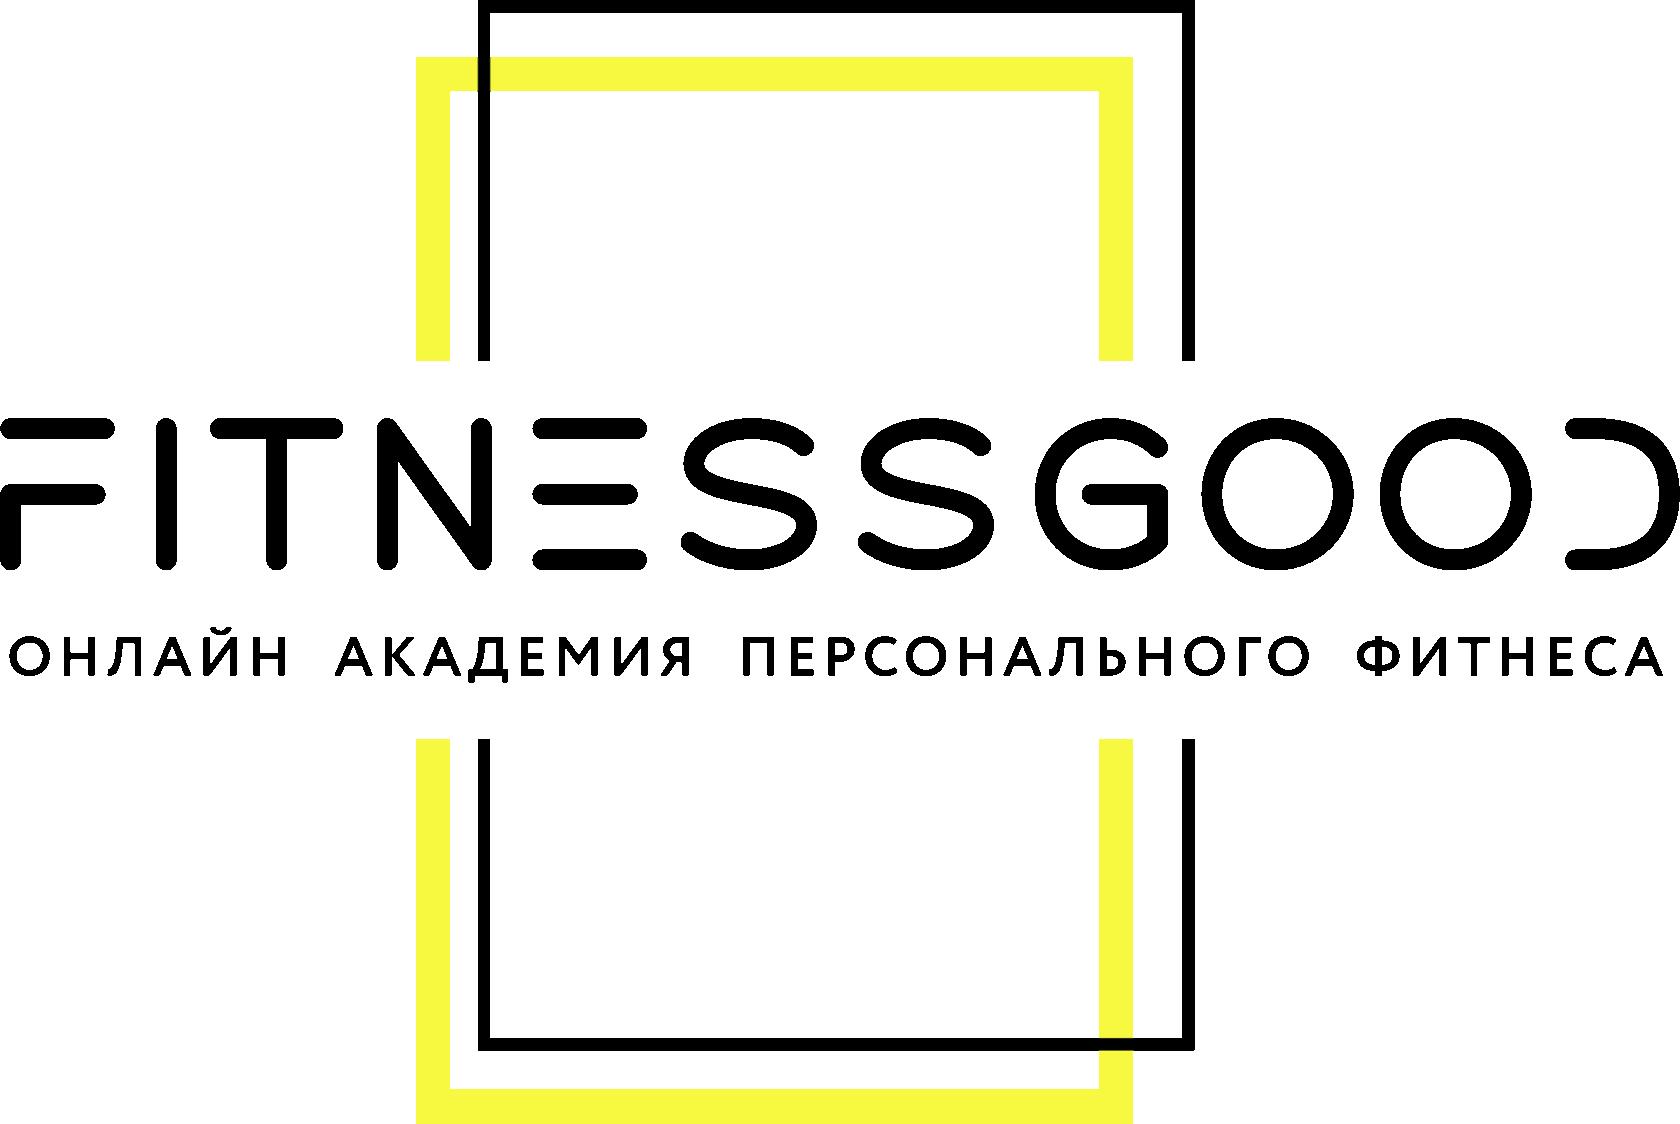 FitnessGood онлайн академия персонального фитнеса с 2018 года